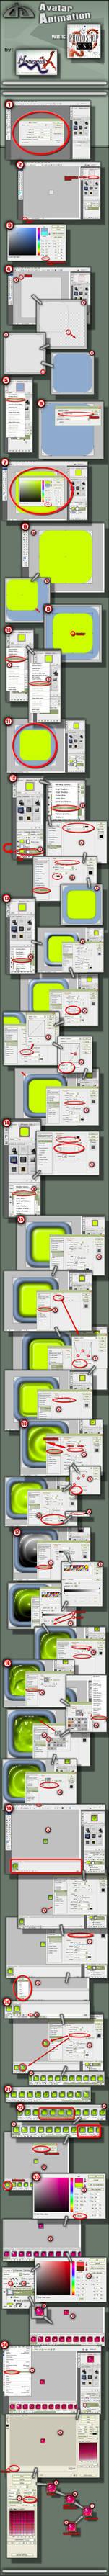 PhotoshopCS3 Animation